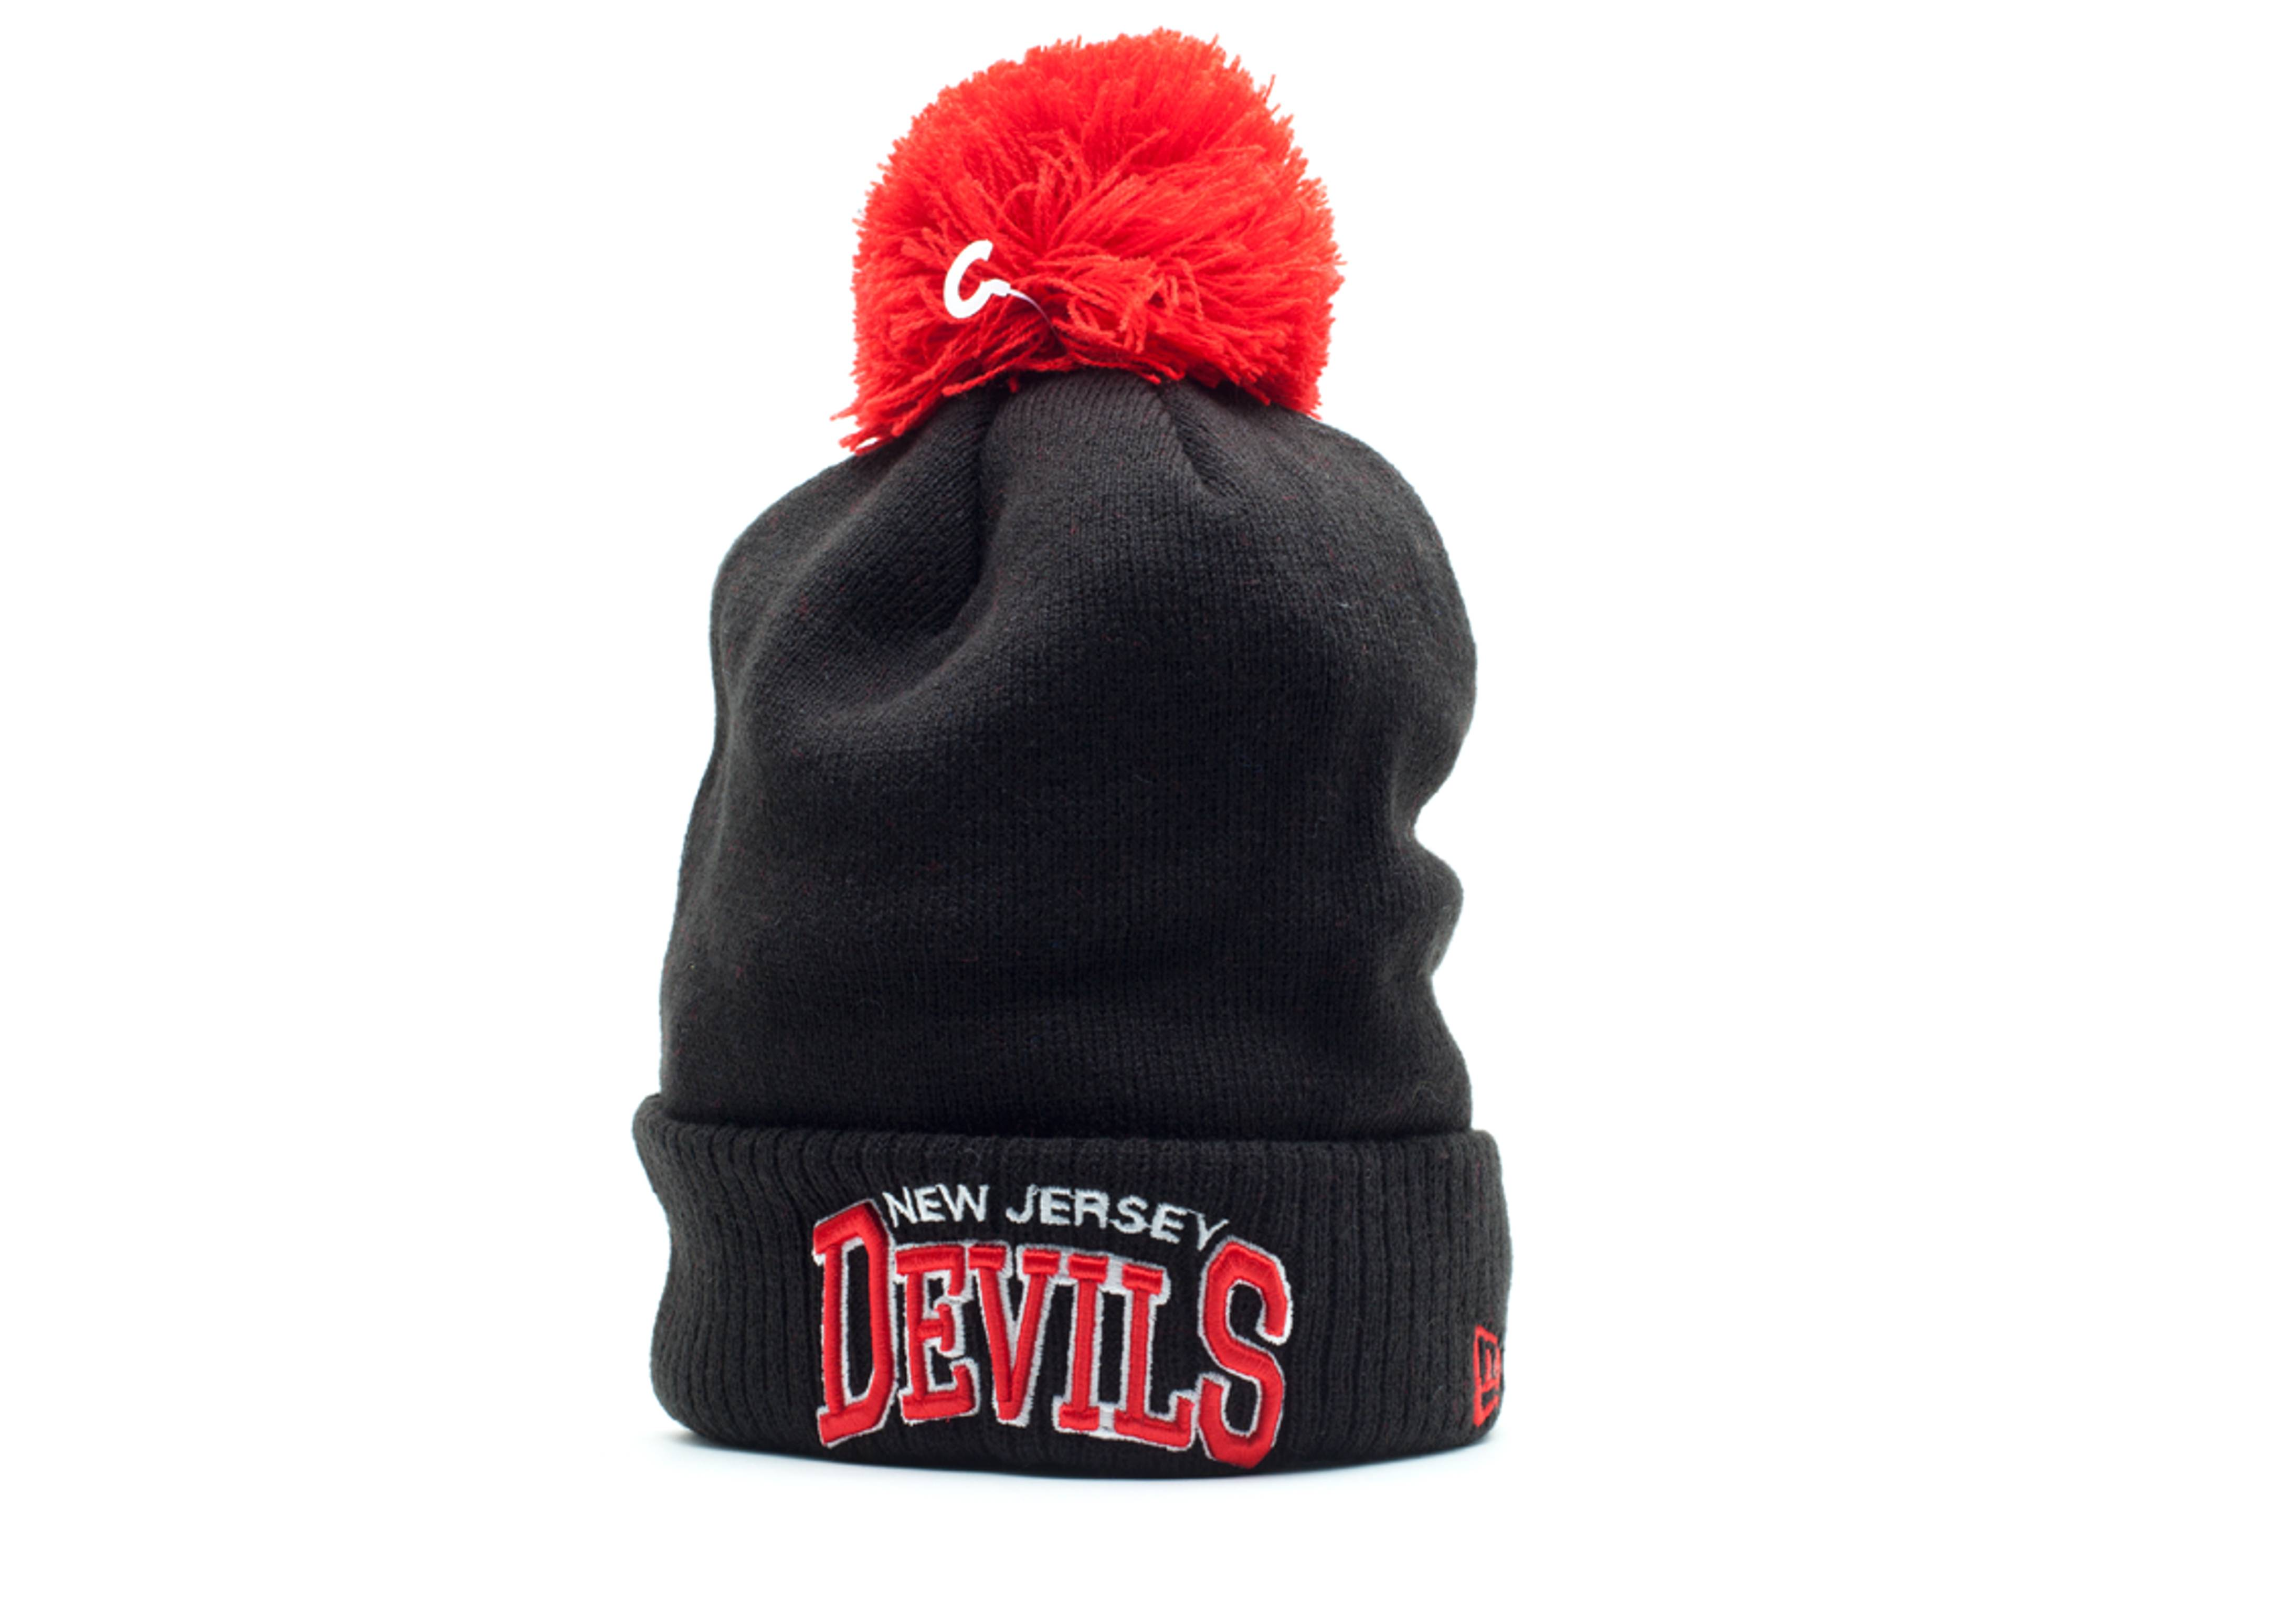 new jersey devils cuffed pom knit beanie